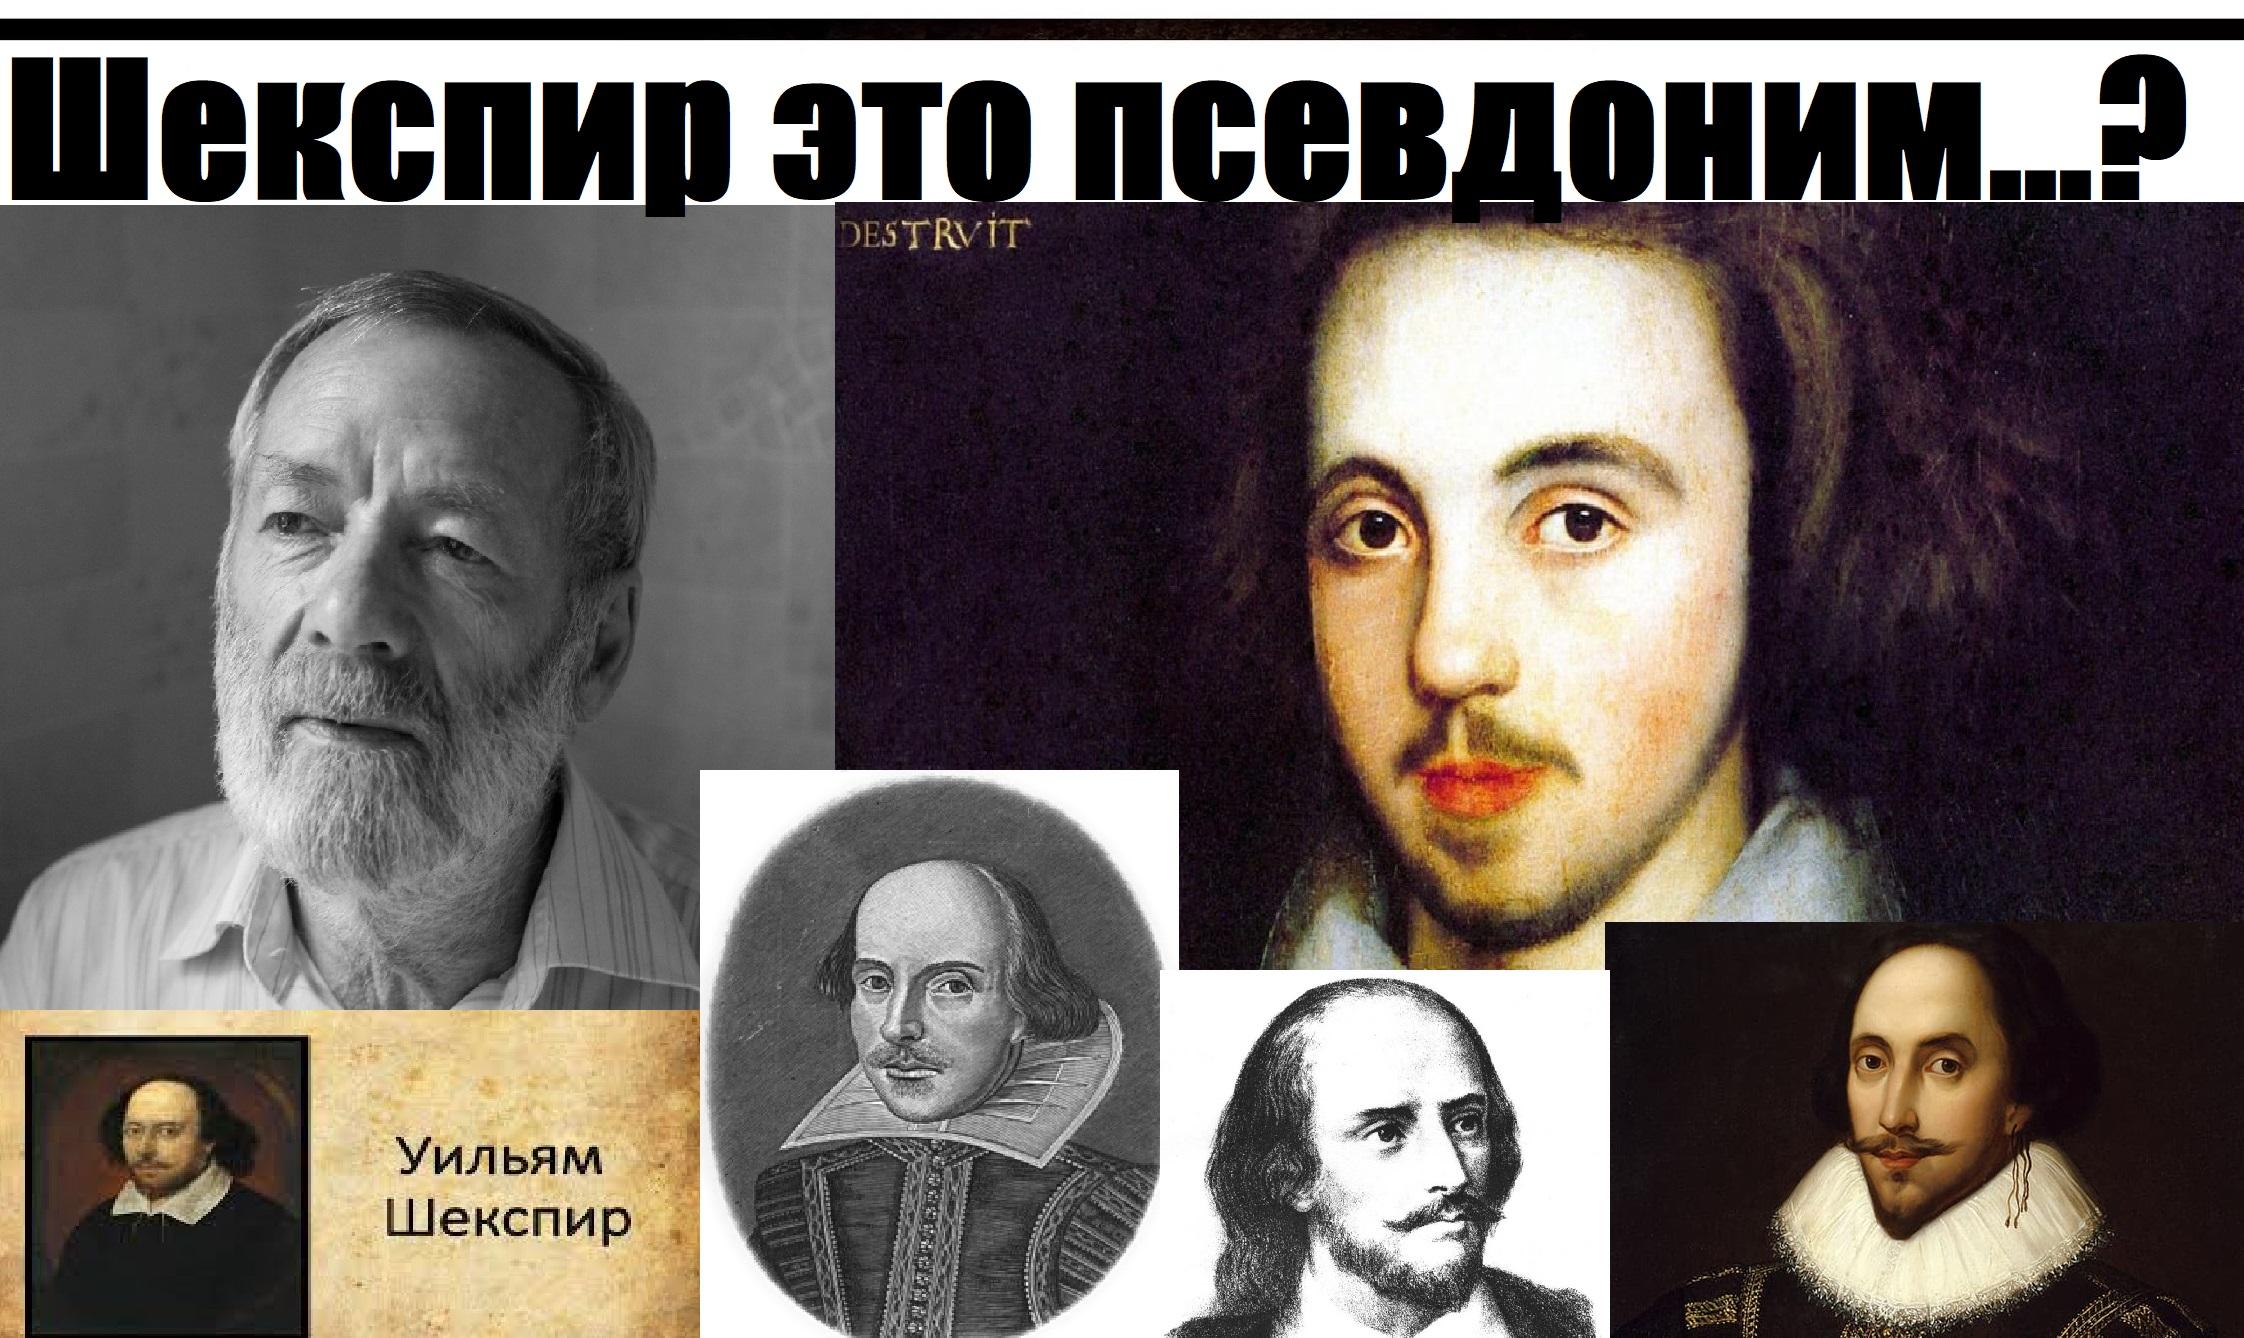 Шекспир, Козаровецкий